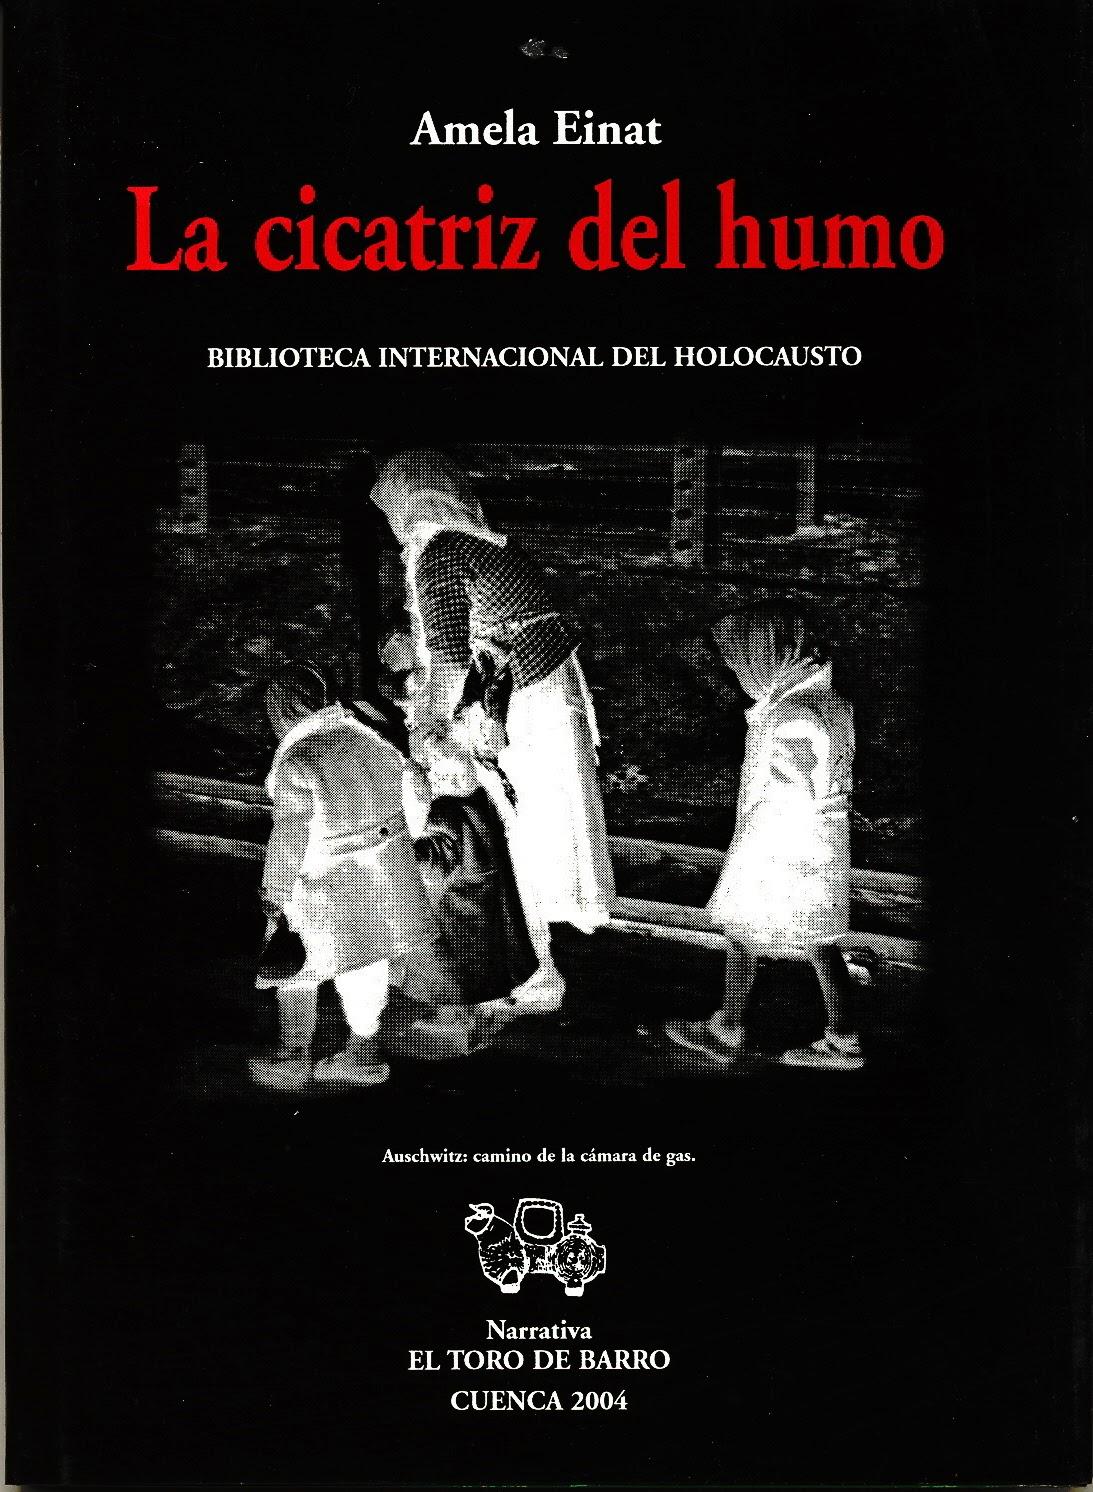 """Amela Einat, """"La cicatriz del humo"""". Col «Biblioteca del Holocausto», Carlos Morales Ed., Ed. El Toro de Barro, Tarancón de Cuenca 2004, PVP 10 Euros,  edicioneseltorodebarro@yahoo.es"""